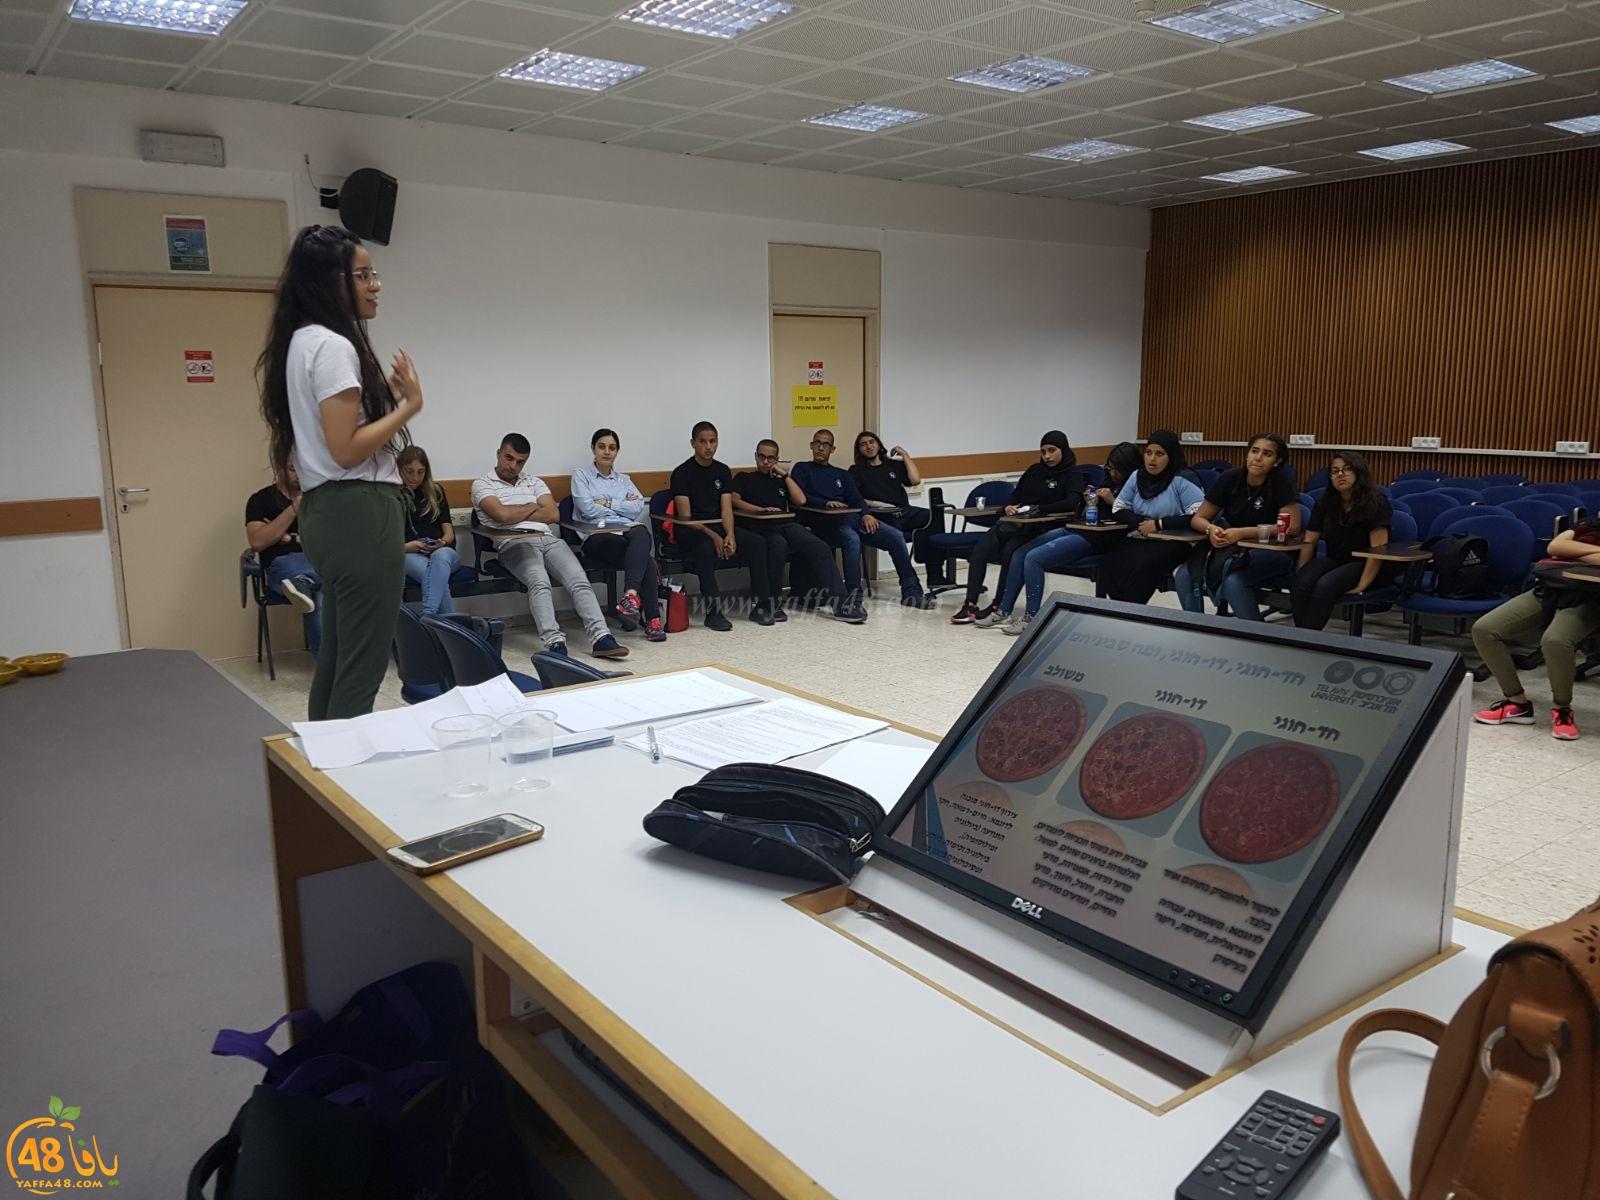 مشروع التعرف على التعليم الأكاديمي والجامعي في مدرسة يافا الشاملة